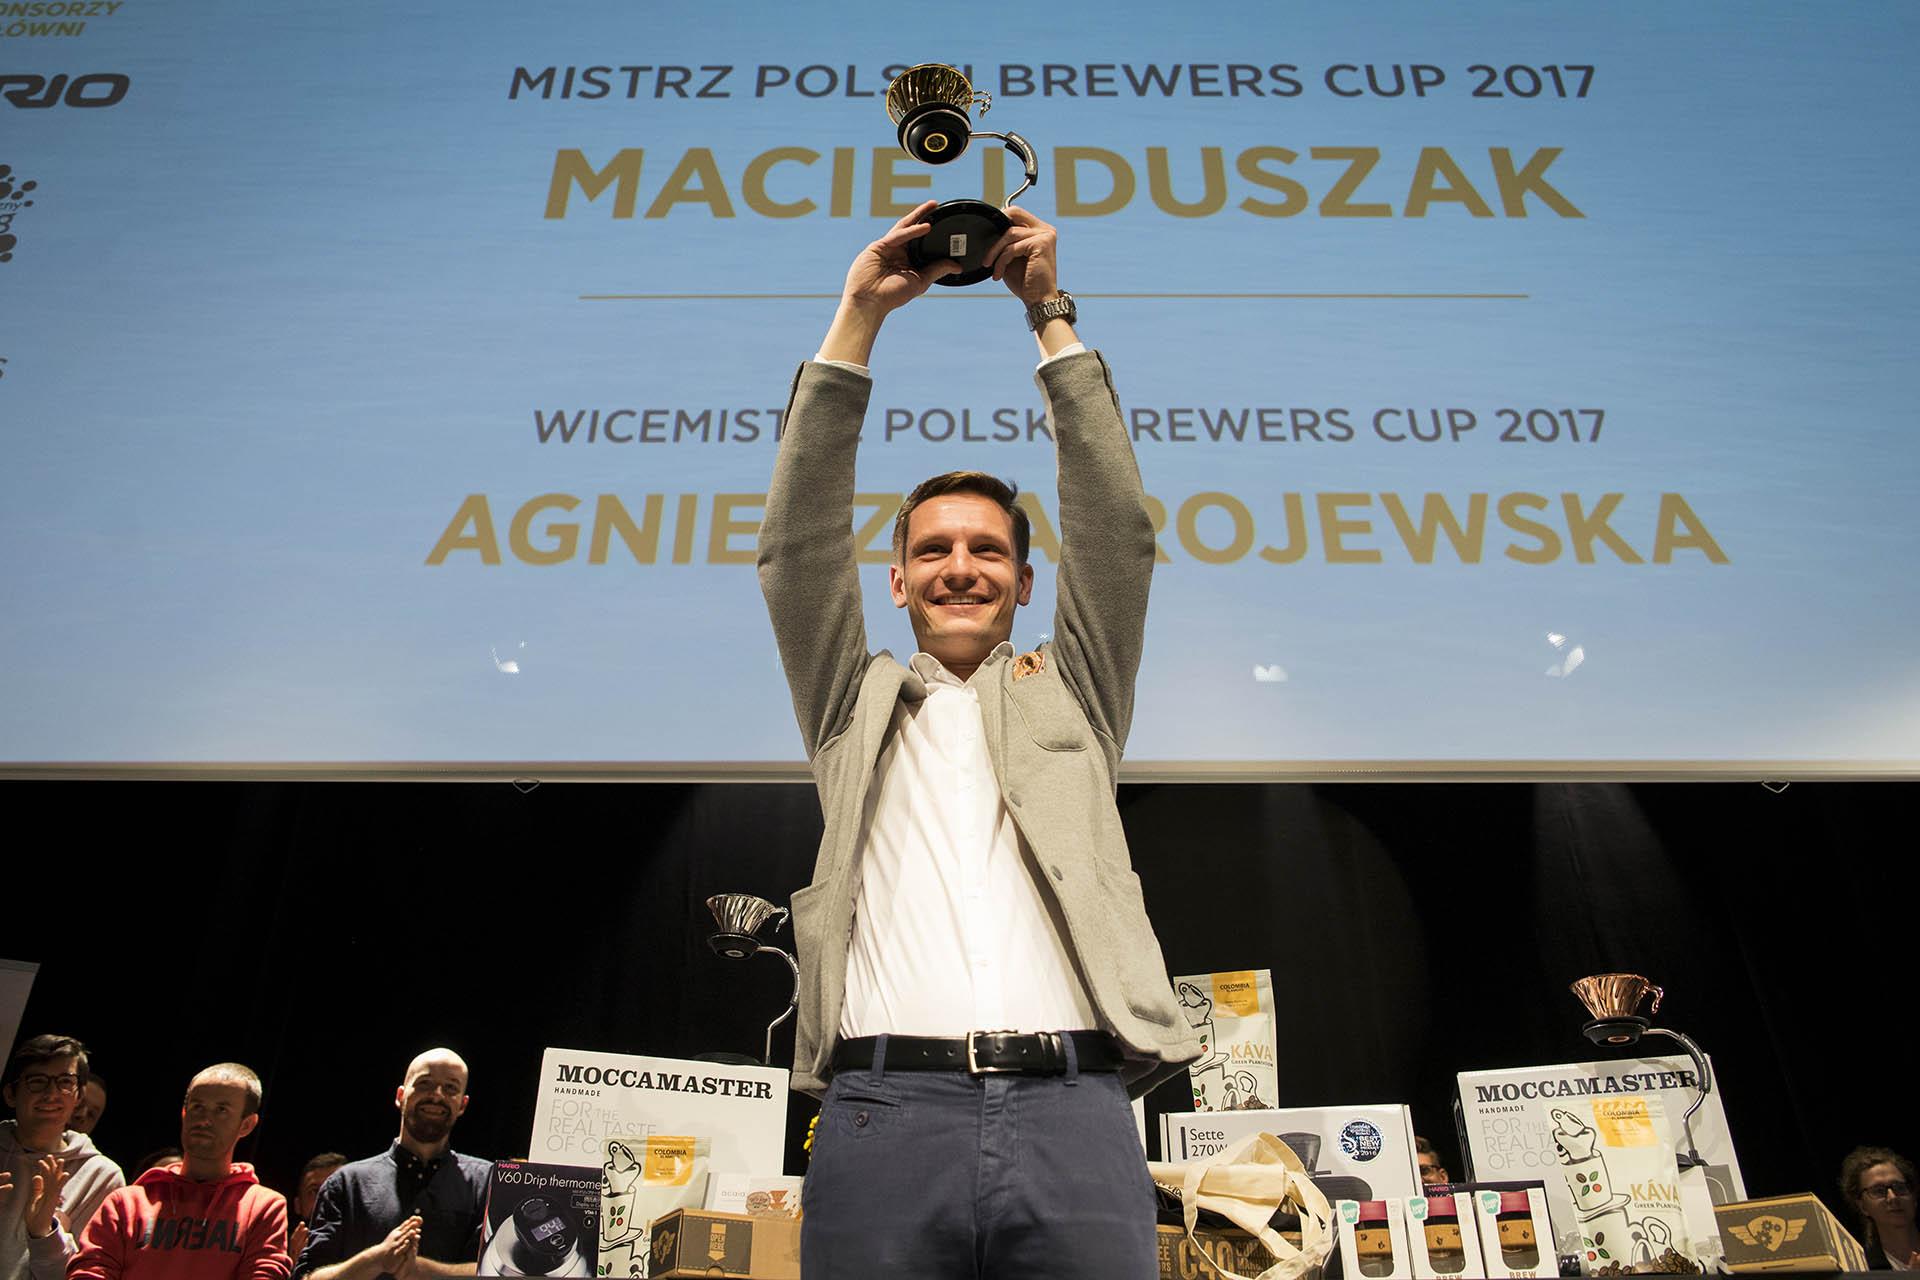 Maciej Duszak